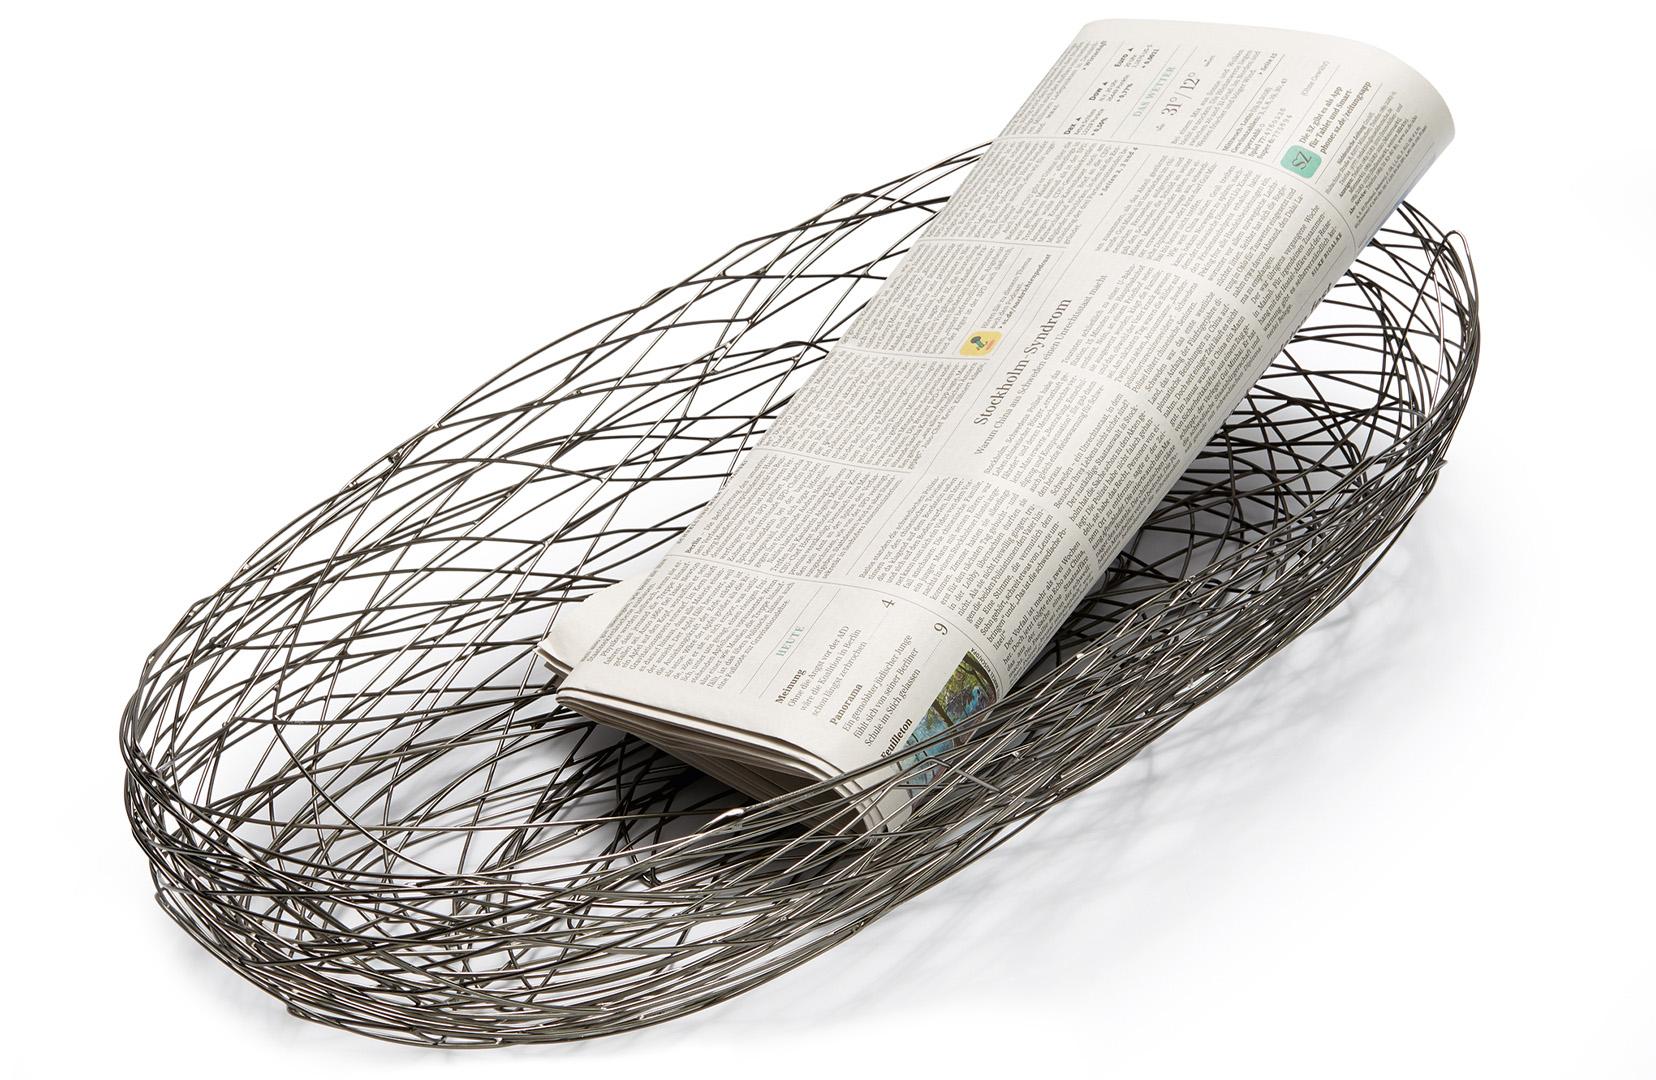 Philippi drátěné koše Nest (set 2 kusů)